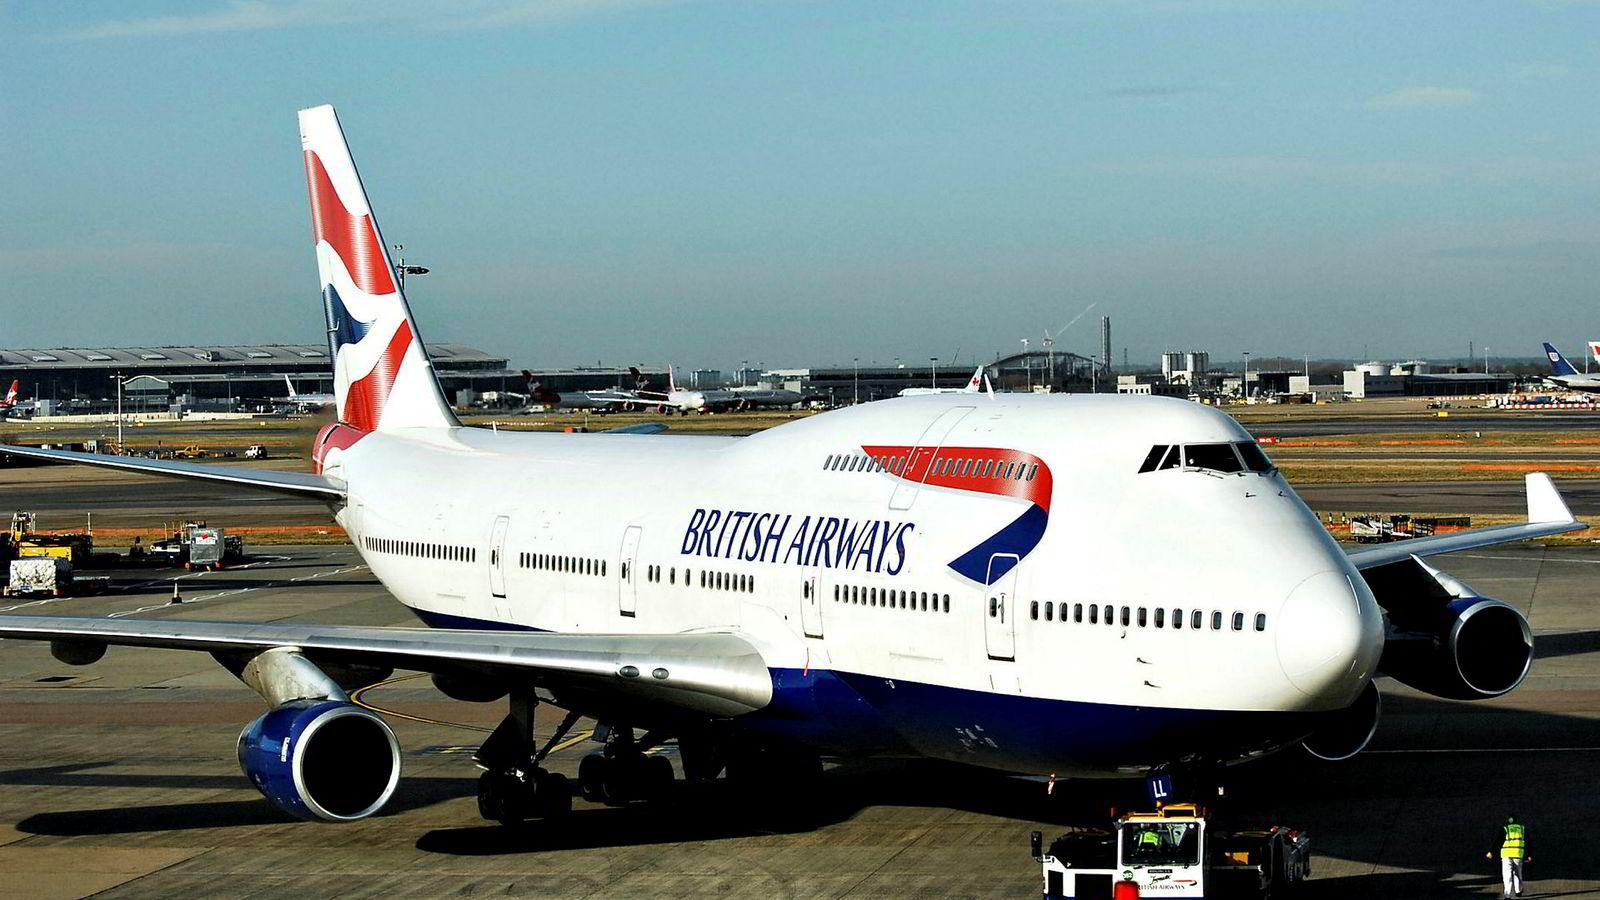 Flere flyselskaper stanser sine flyvninger til Kairo, deriblant British Airways.